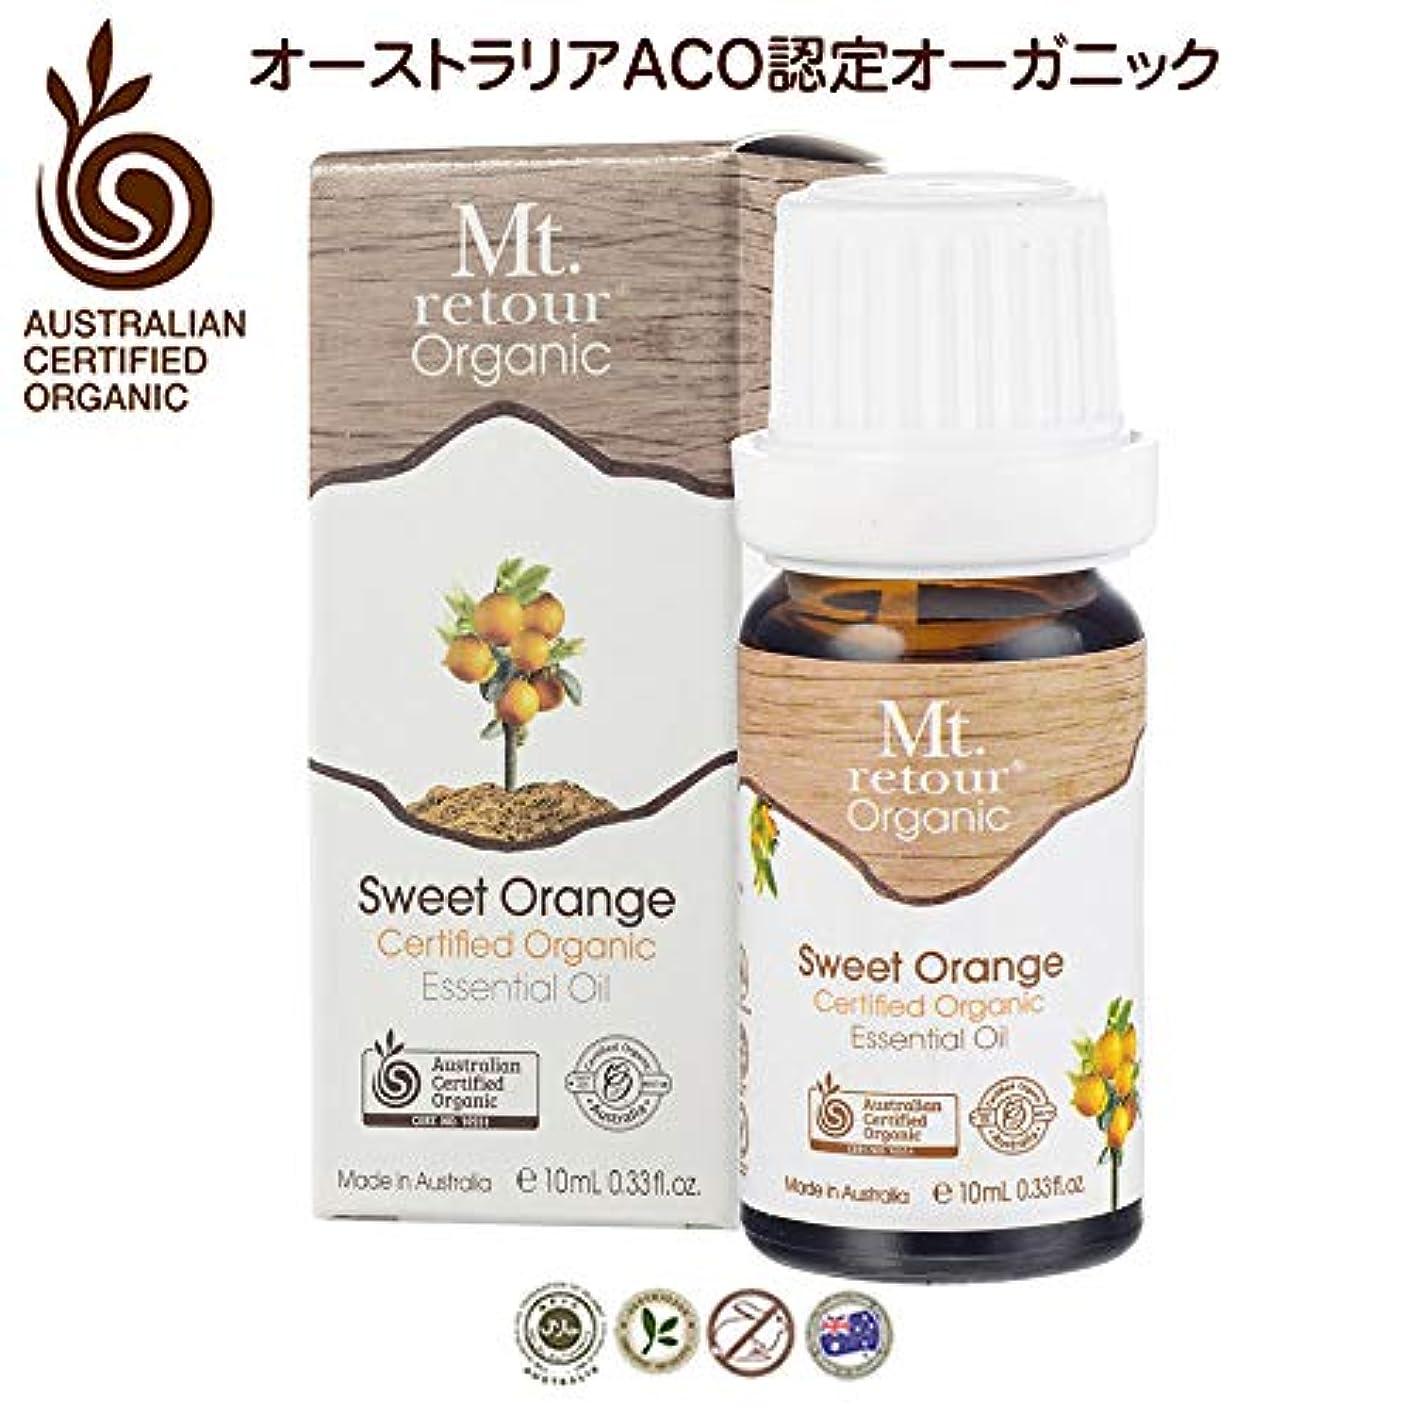 時代連帯平等Mt. retour ACO認定オーガニック オレンジスイート 10ml エッセンシャルオイル(無農薬有機)アロマ